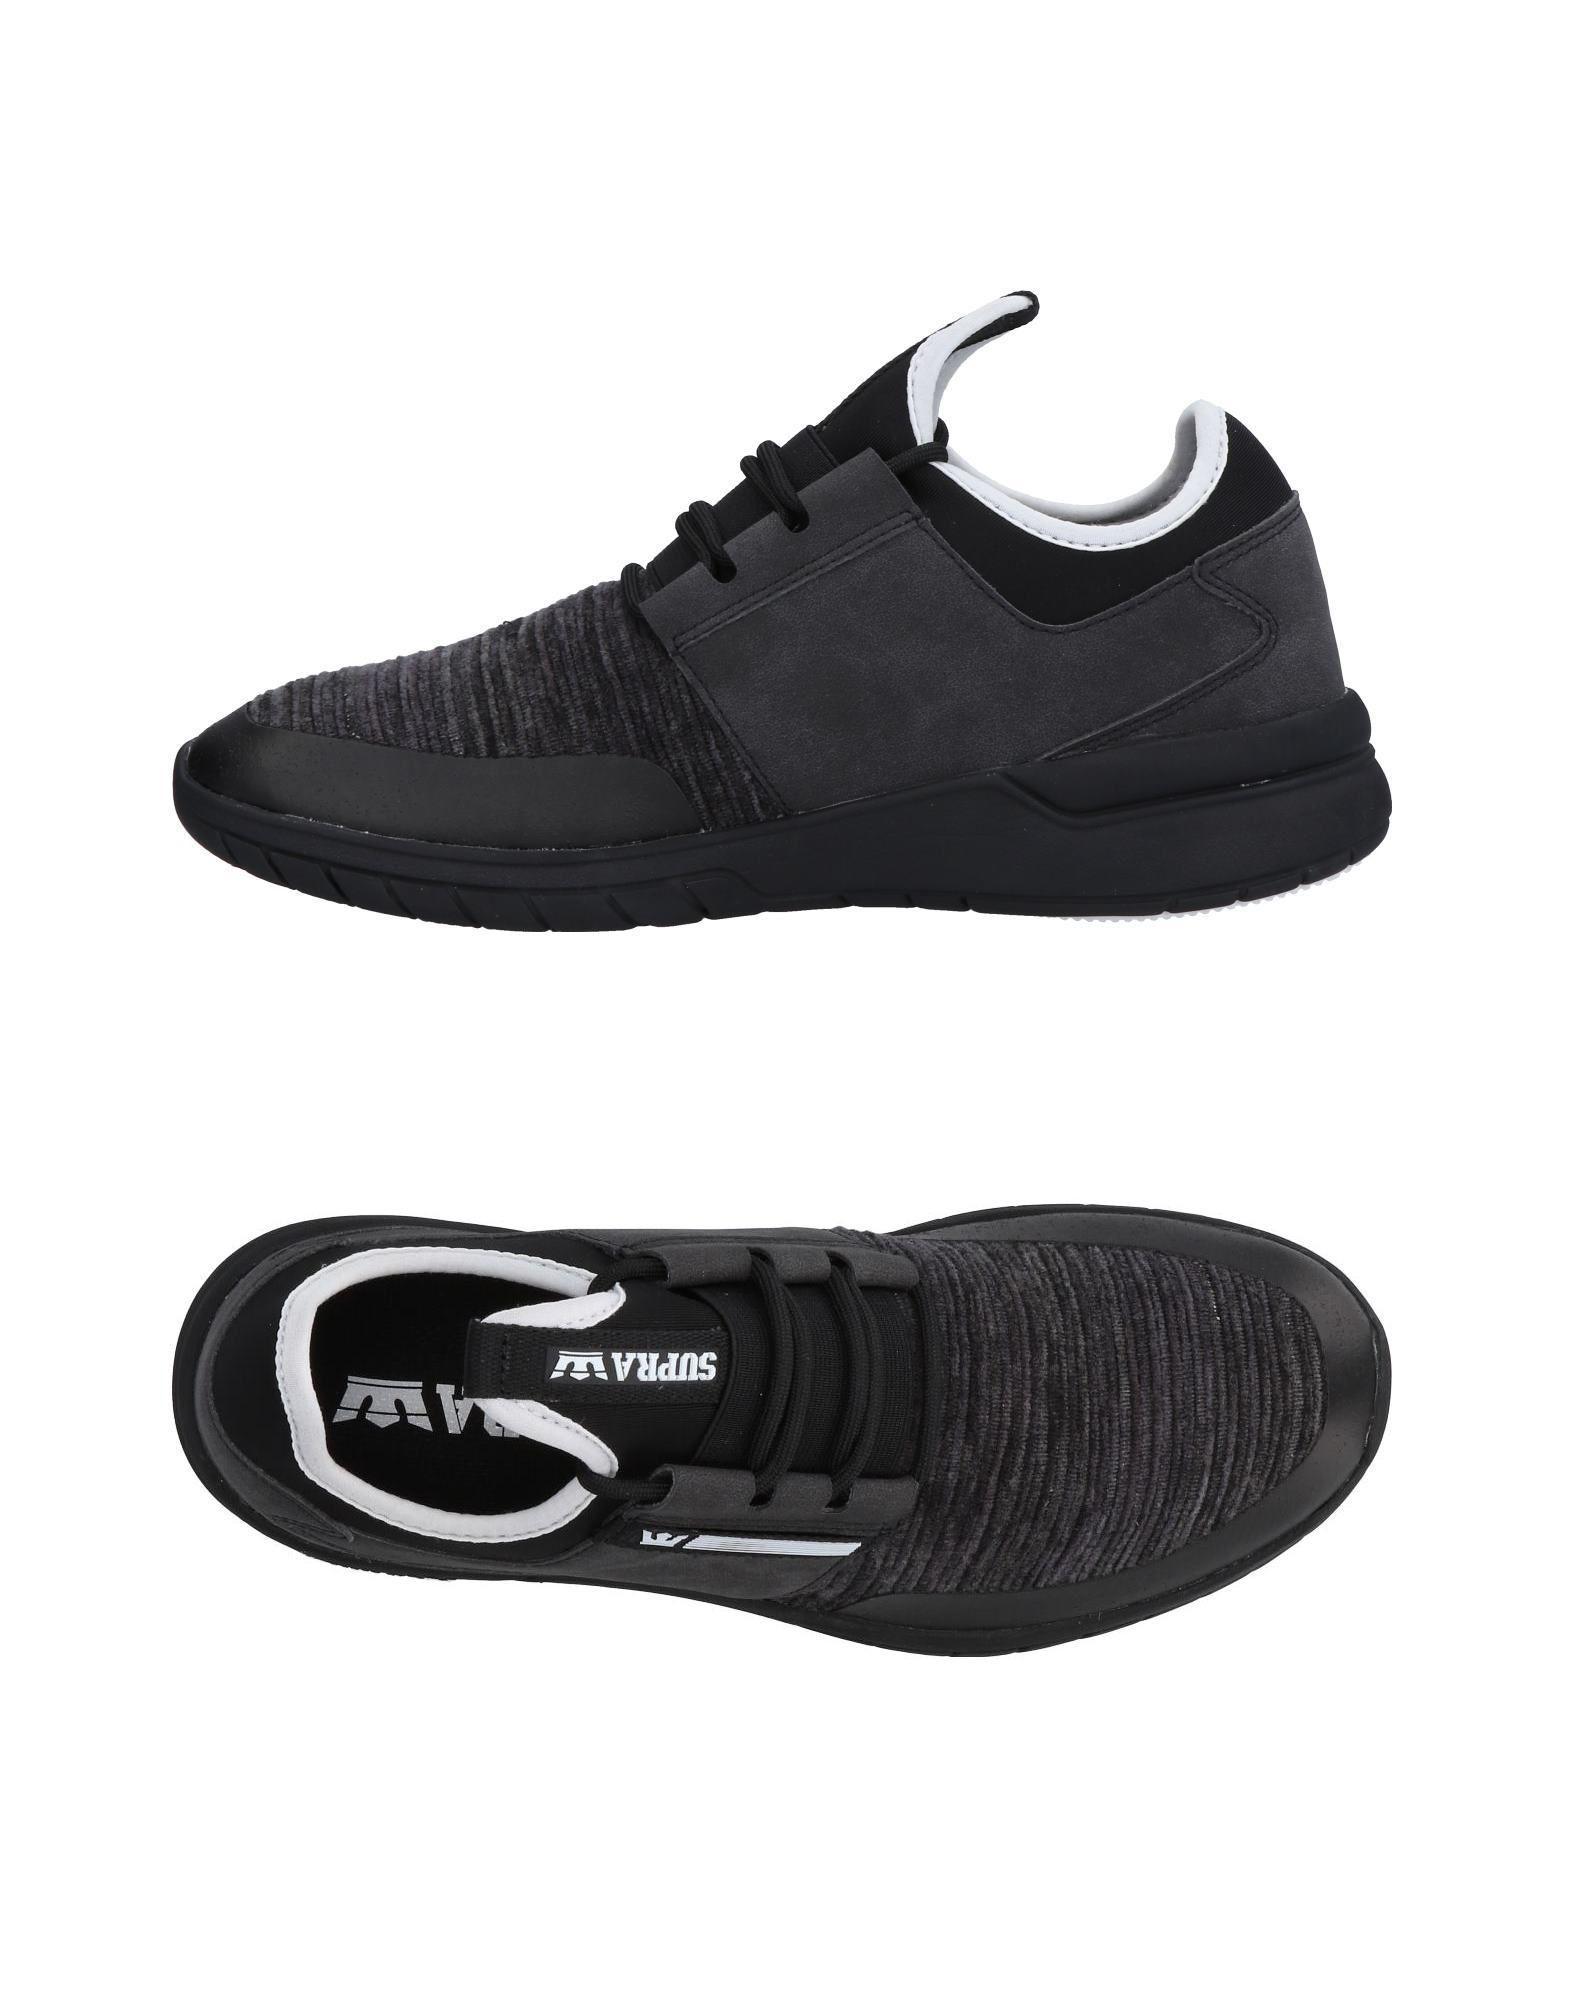 5162add06b Supra - Gray Low-tops & Sneakers for Men - Lyst. View fullscreen